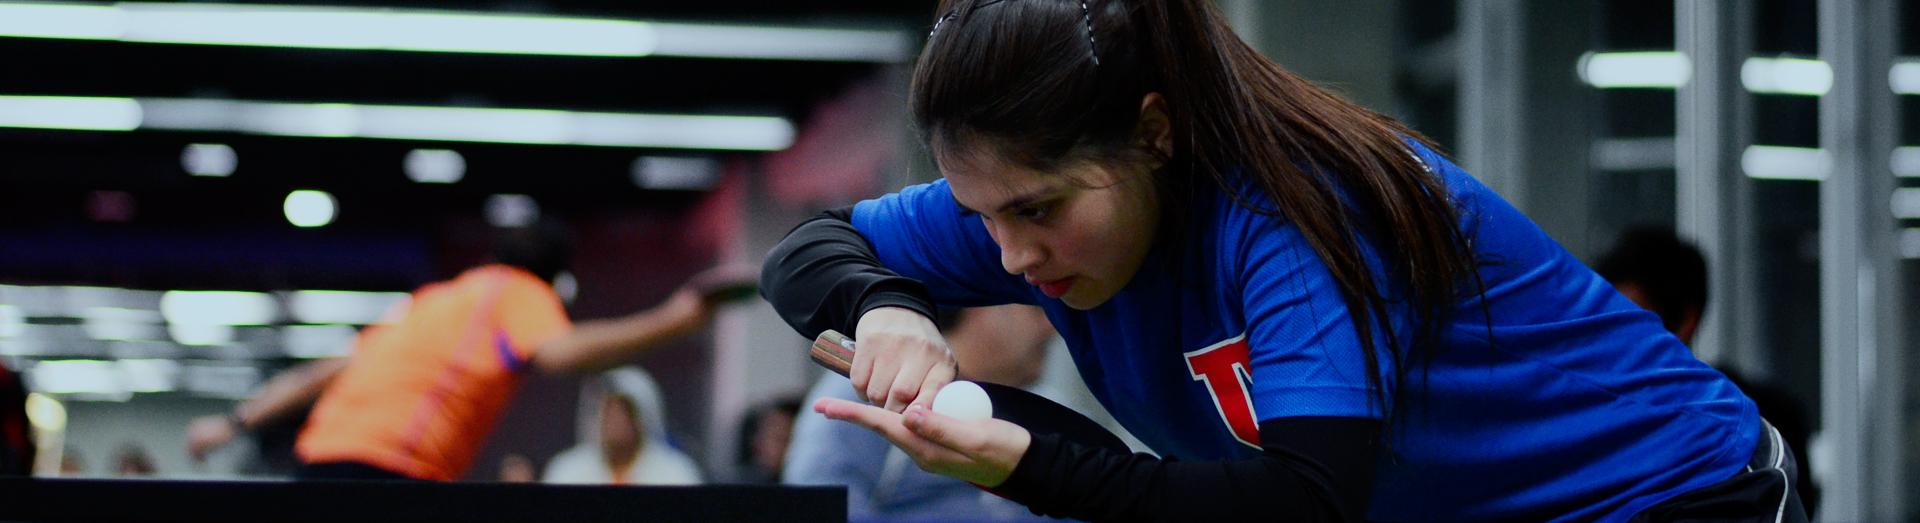 Vía de admisión a la Universidad de Chile a través de cupo deportivo. Postula hasta el 25 de octubre